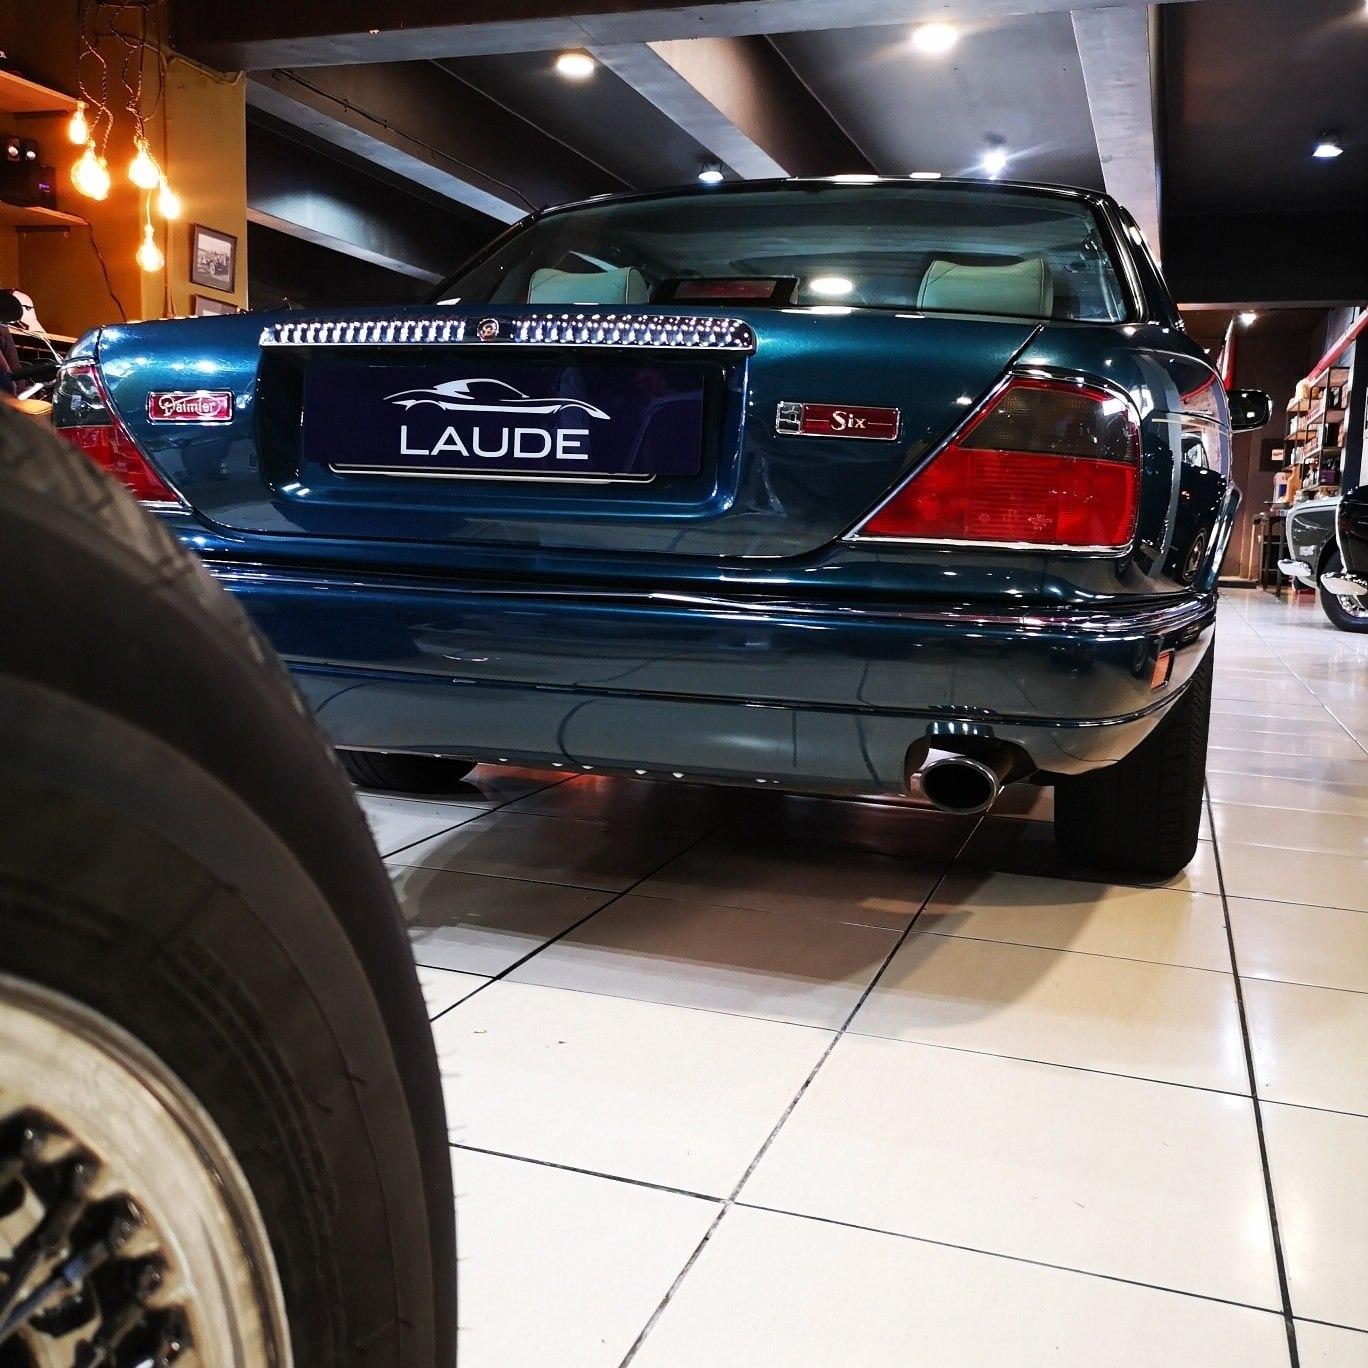 Laude Classic Cars